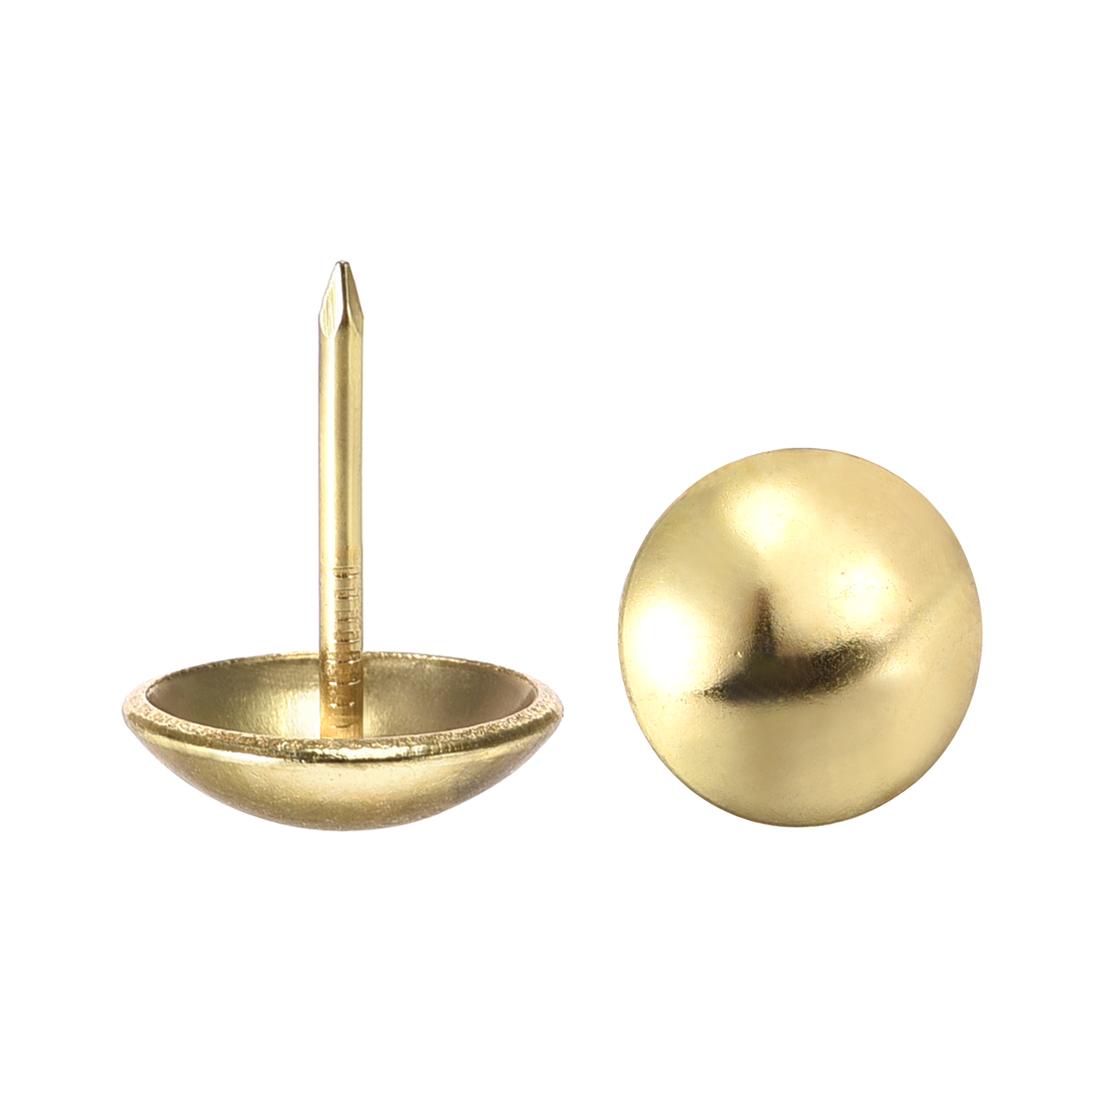 Upholstery Nails Tacks 16mm Dia 20mm Height Round Thumb Pins Gold Tone 60 Pcs